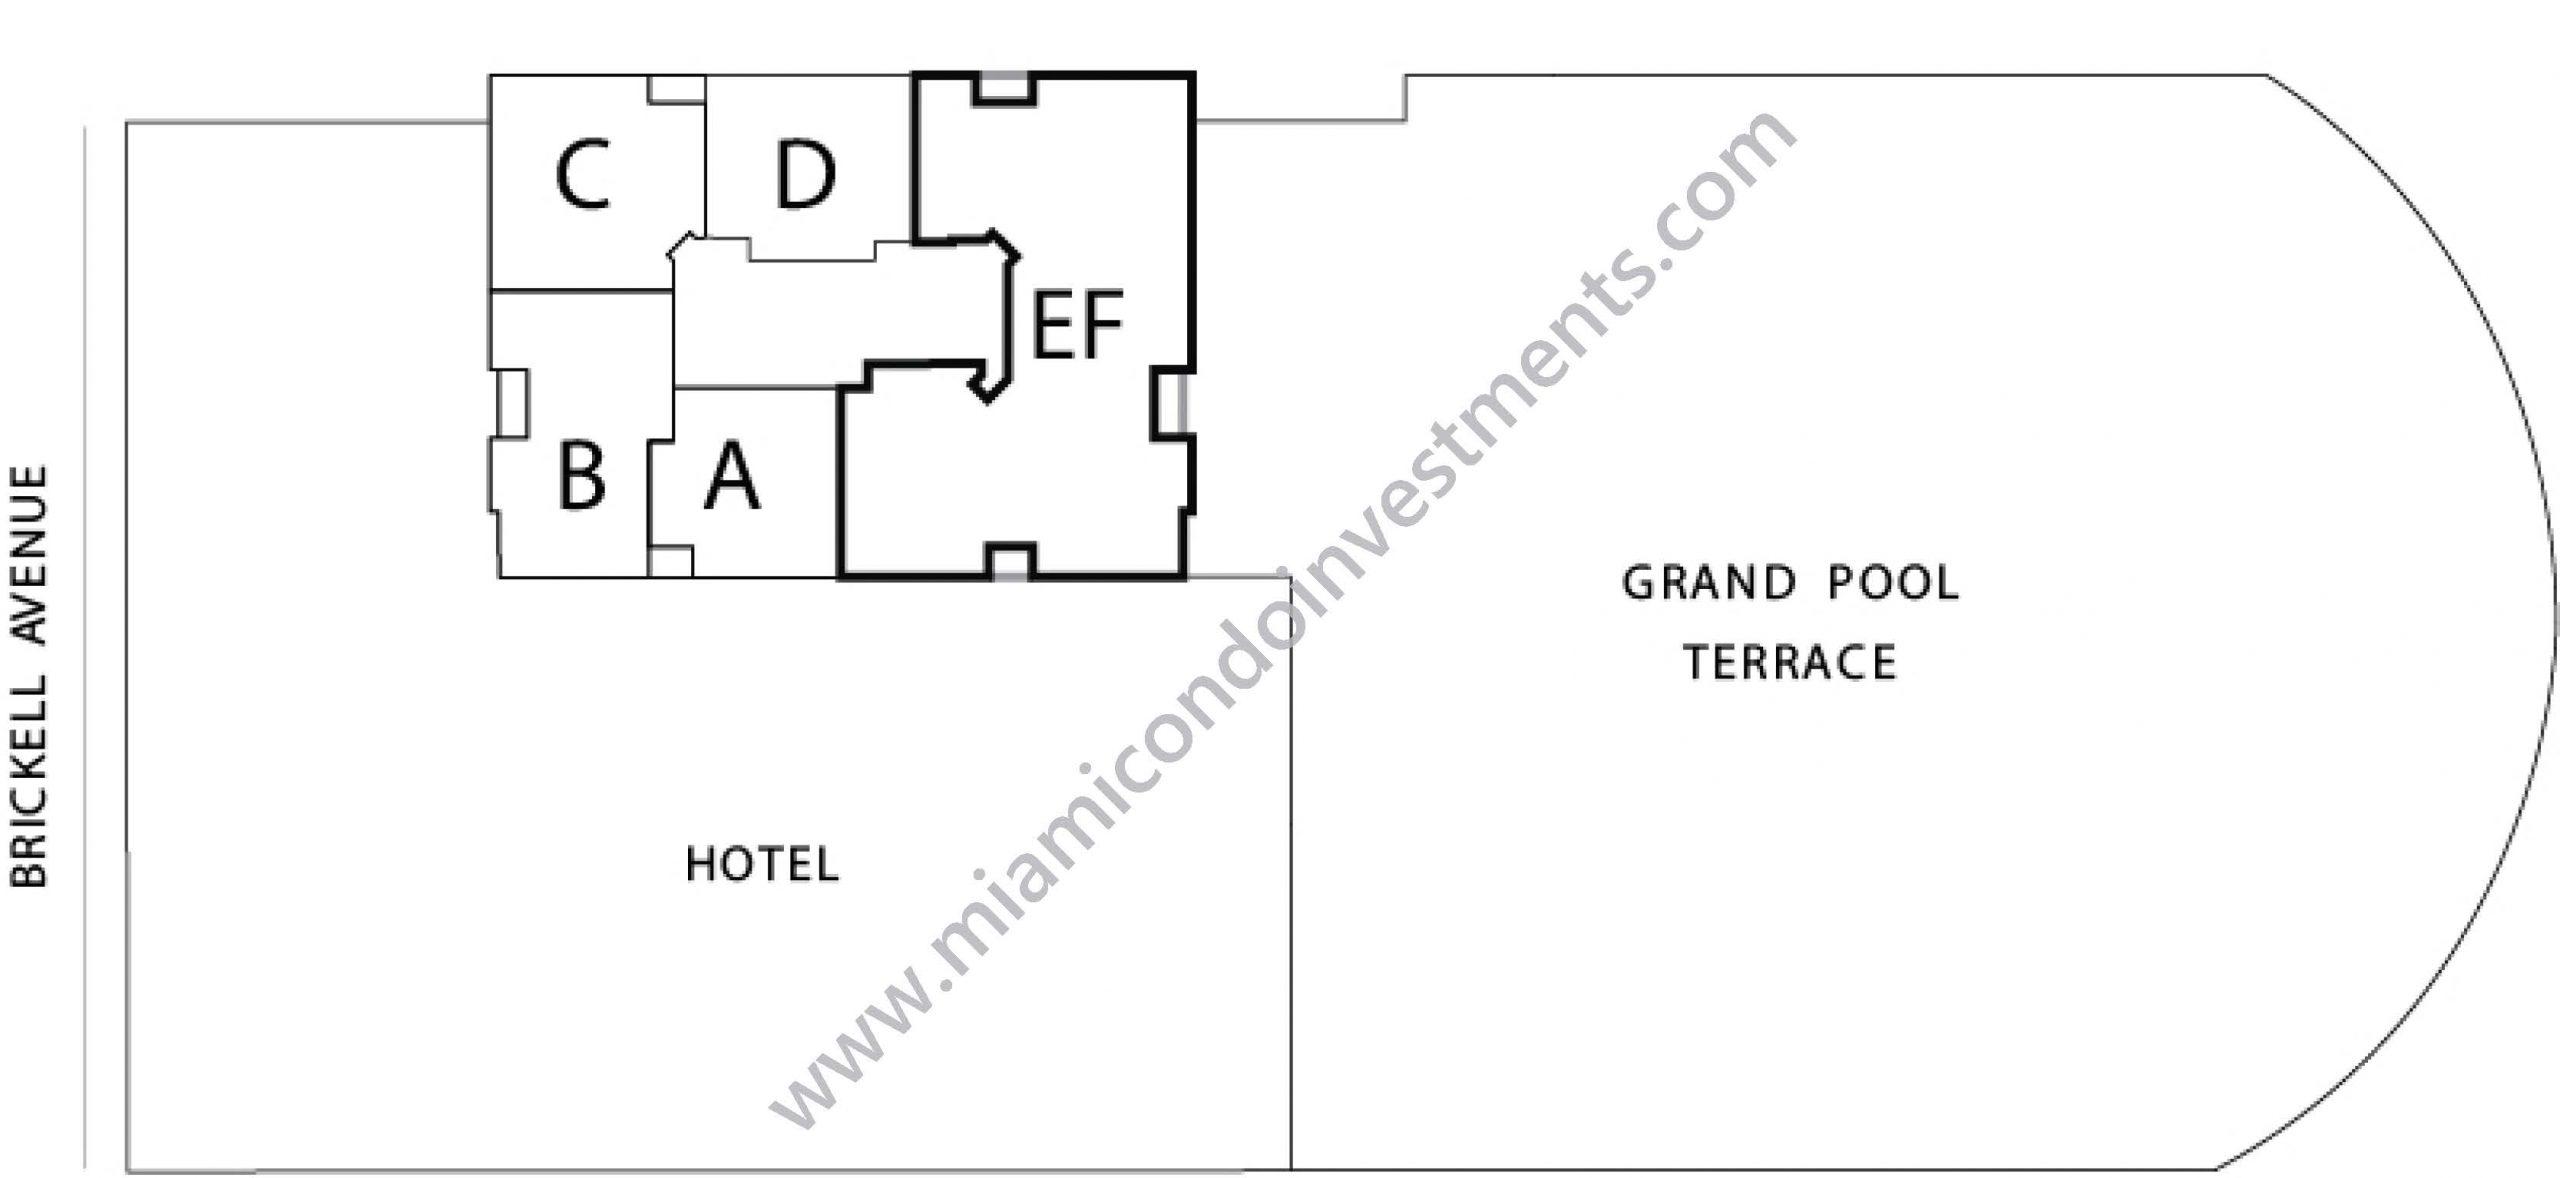 Floorplans 1 - Residences